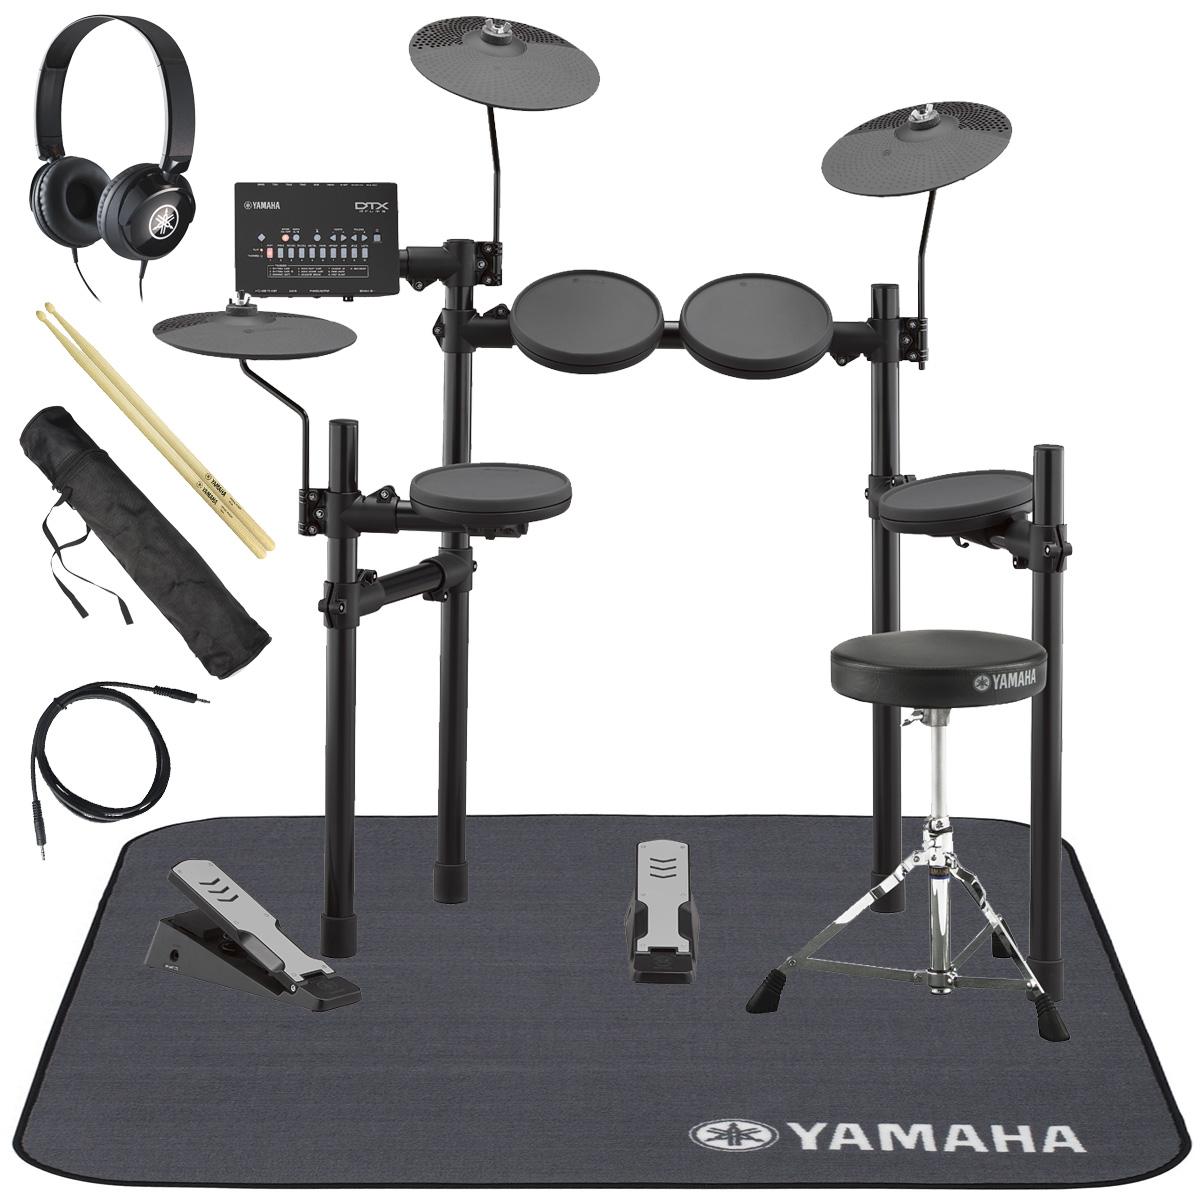 YAMAHA / DTX402KS 電子ドラム ヤマハ純正ヘッドホンとスティックとマットセット【YRK】